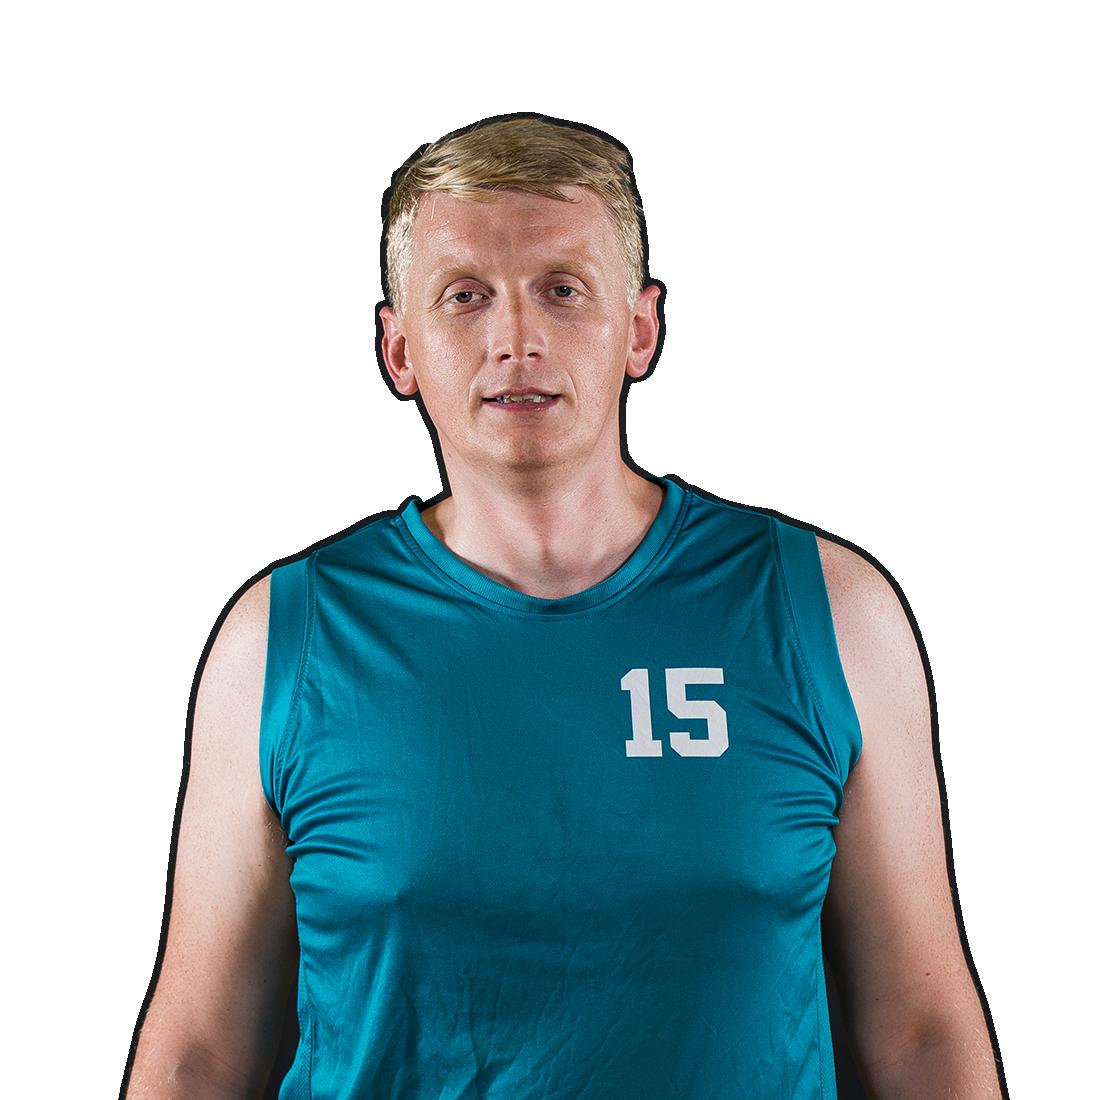 Jacek Ossowski